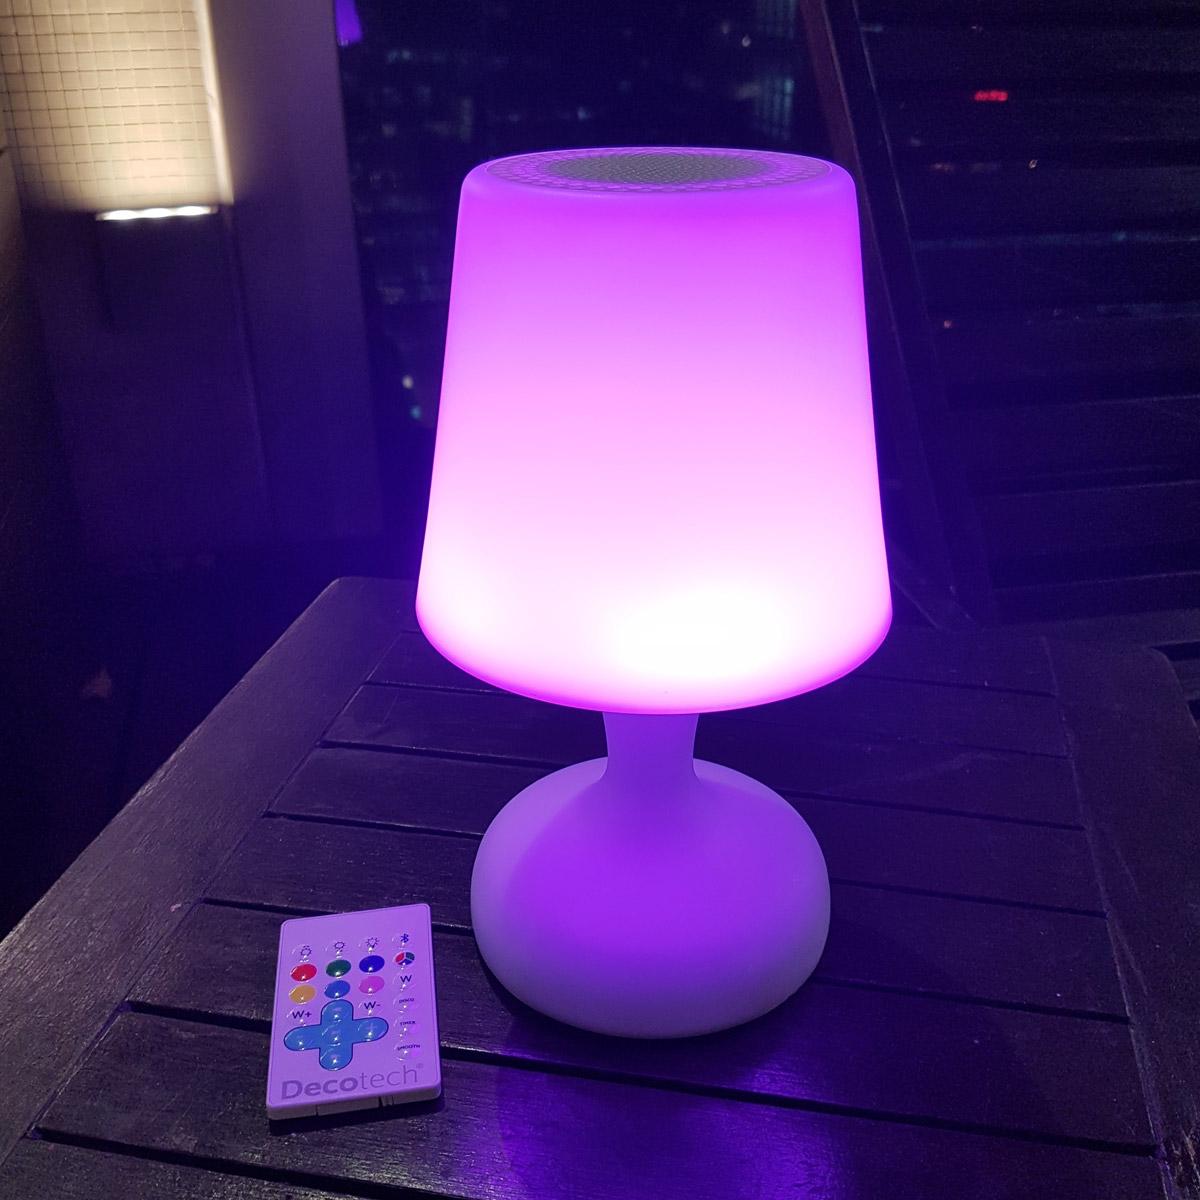 stimmungslampen led lampe mit farbe und ton bluetooth mit einer fernbedienung. Black Bedroom Furniture Sets. Home Design Ideas